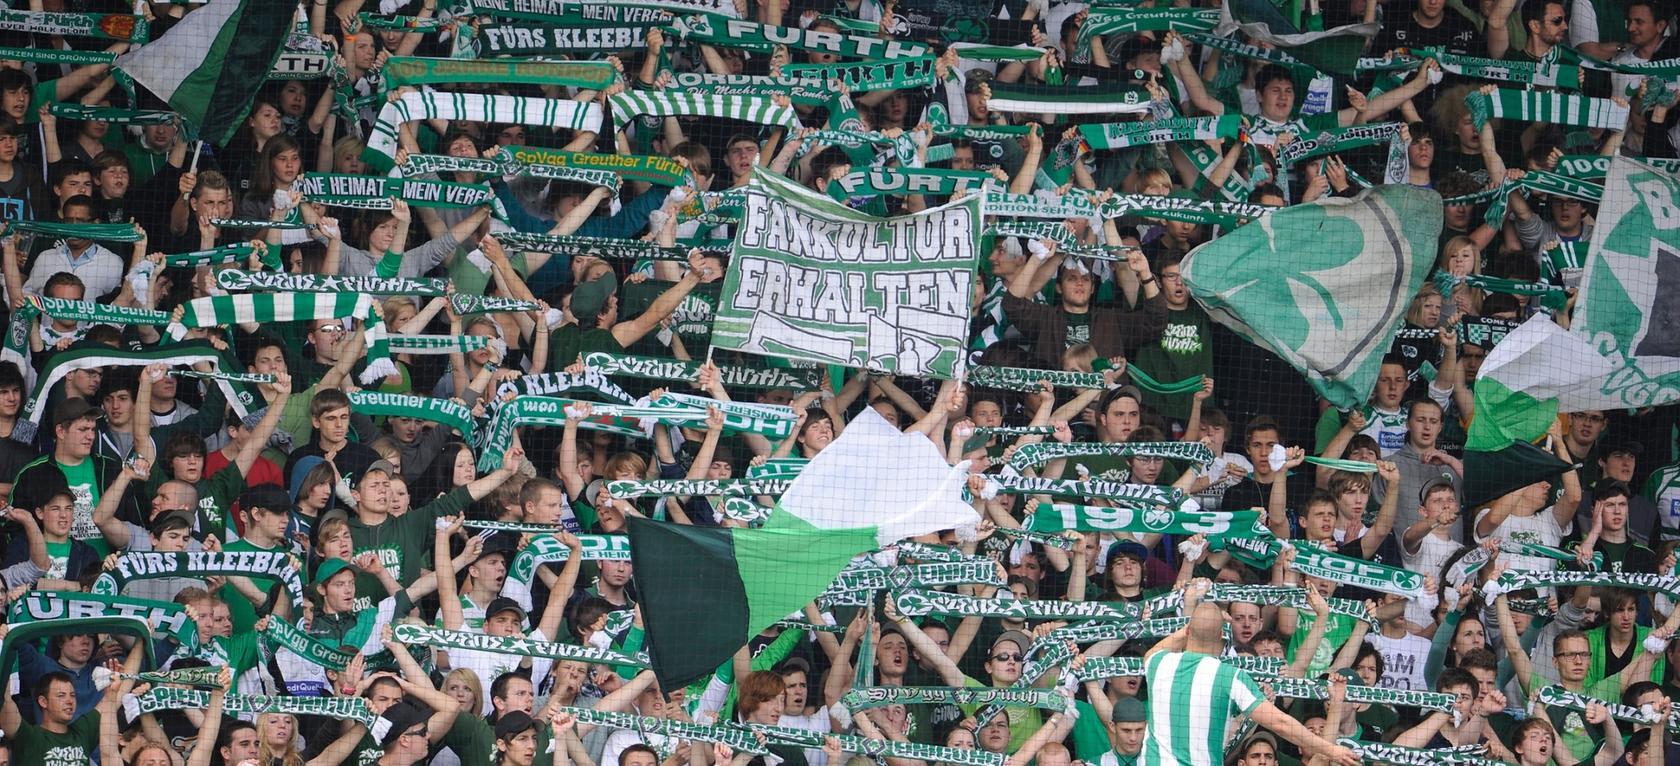 Nach einem Einbruch im Vereinsheim Sportfreunde Ronhof erhebt die Fan-Vereinigung Horidos schwere Vorwürfe gegen FCN-Ultras.